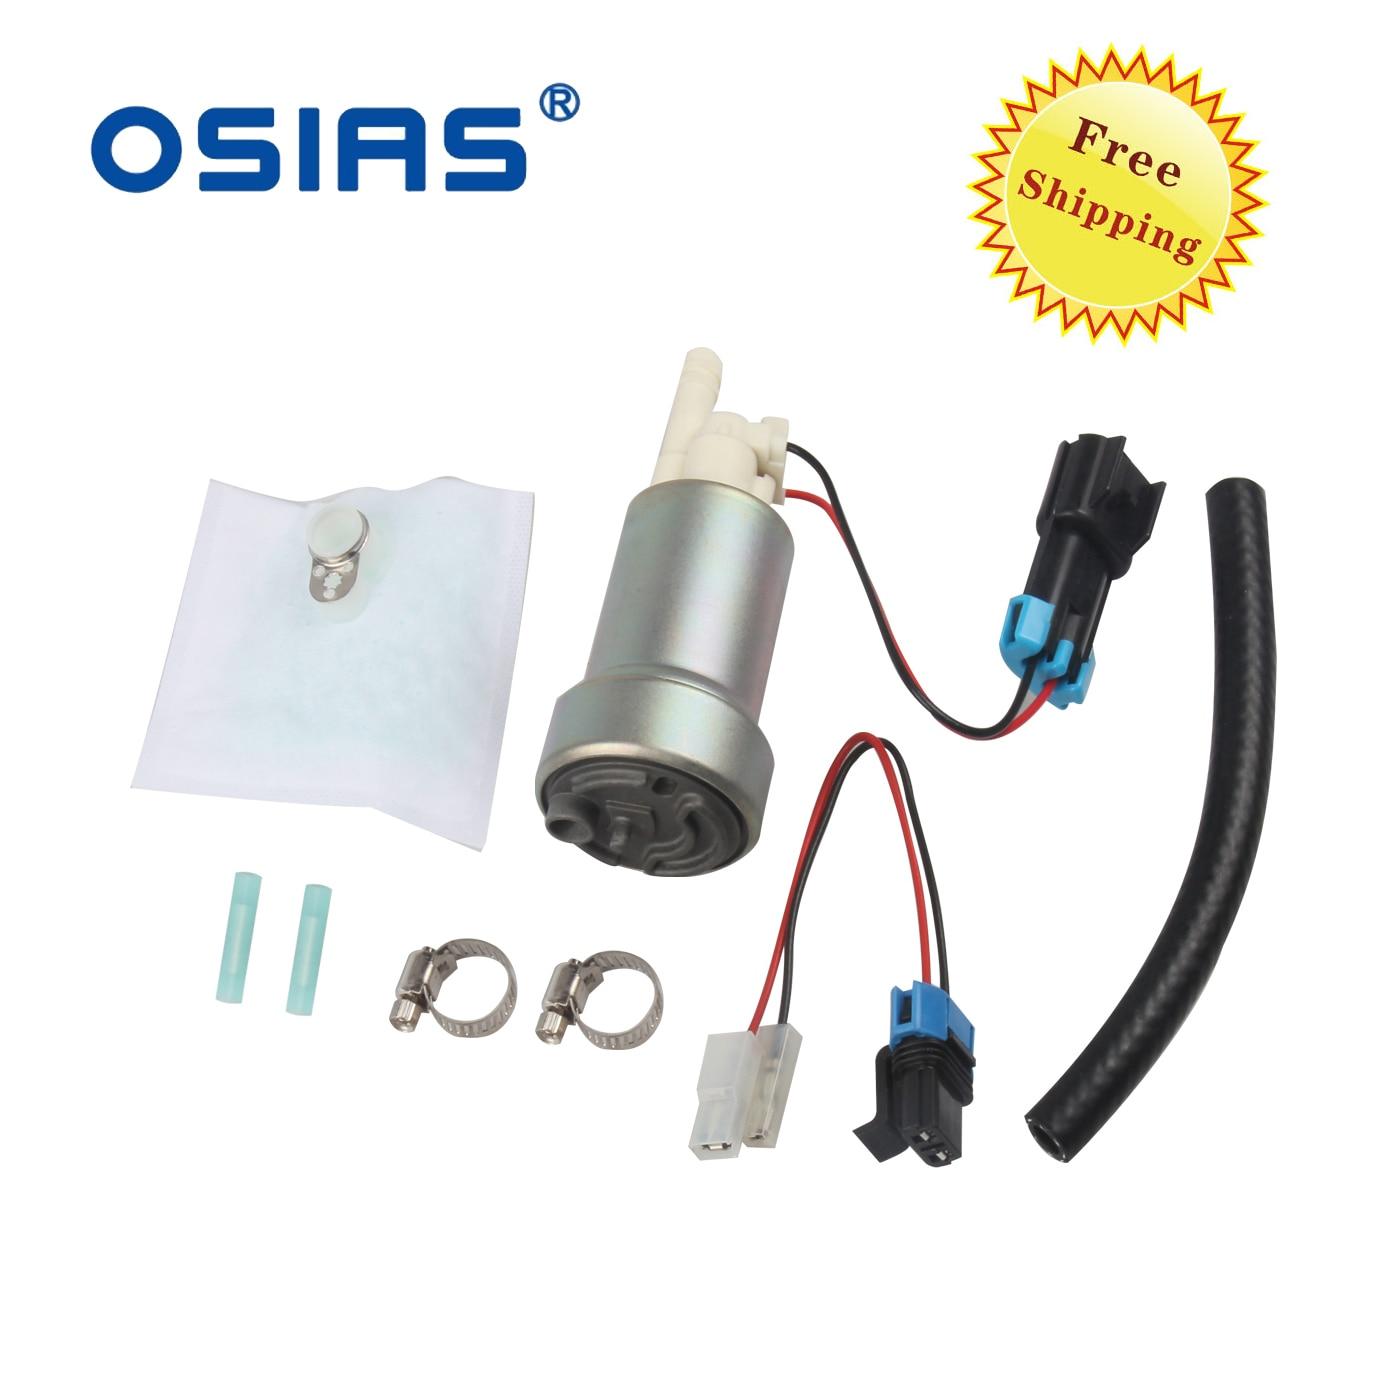 Купить топливный насос osias для nissan skyline subaru wrx f90000267